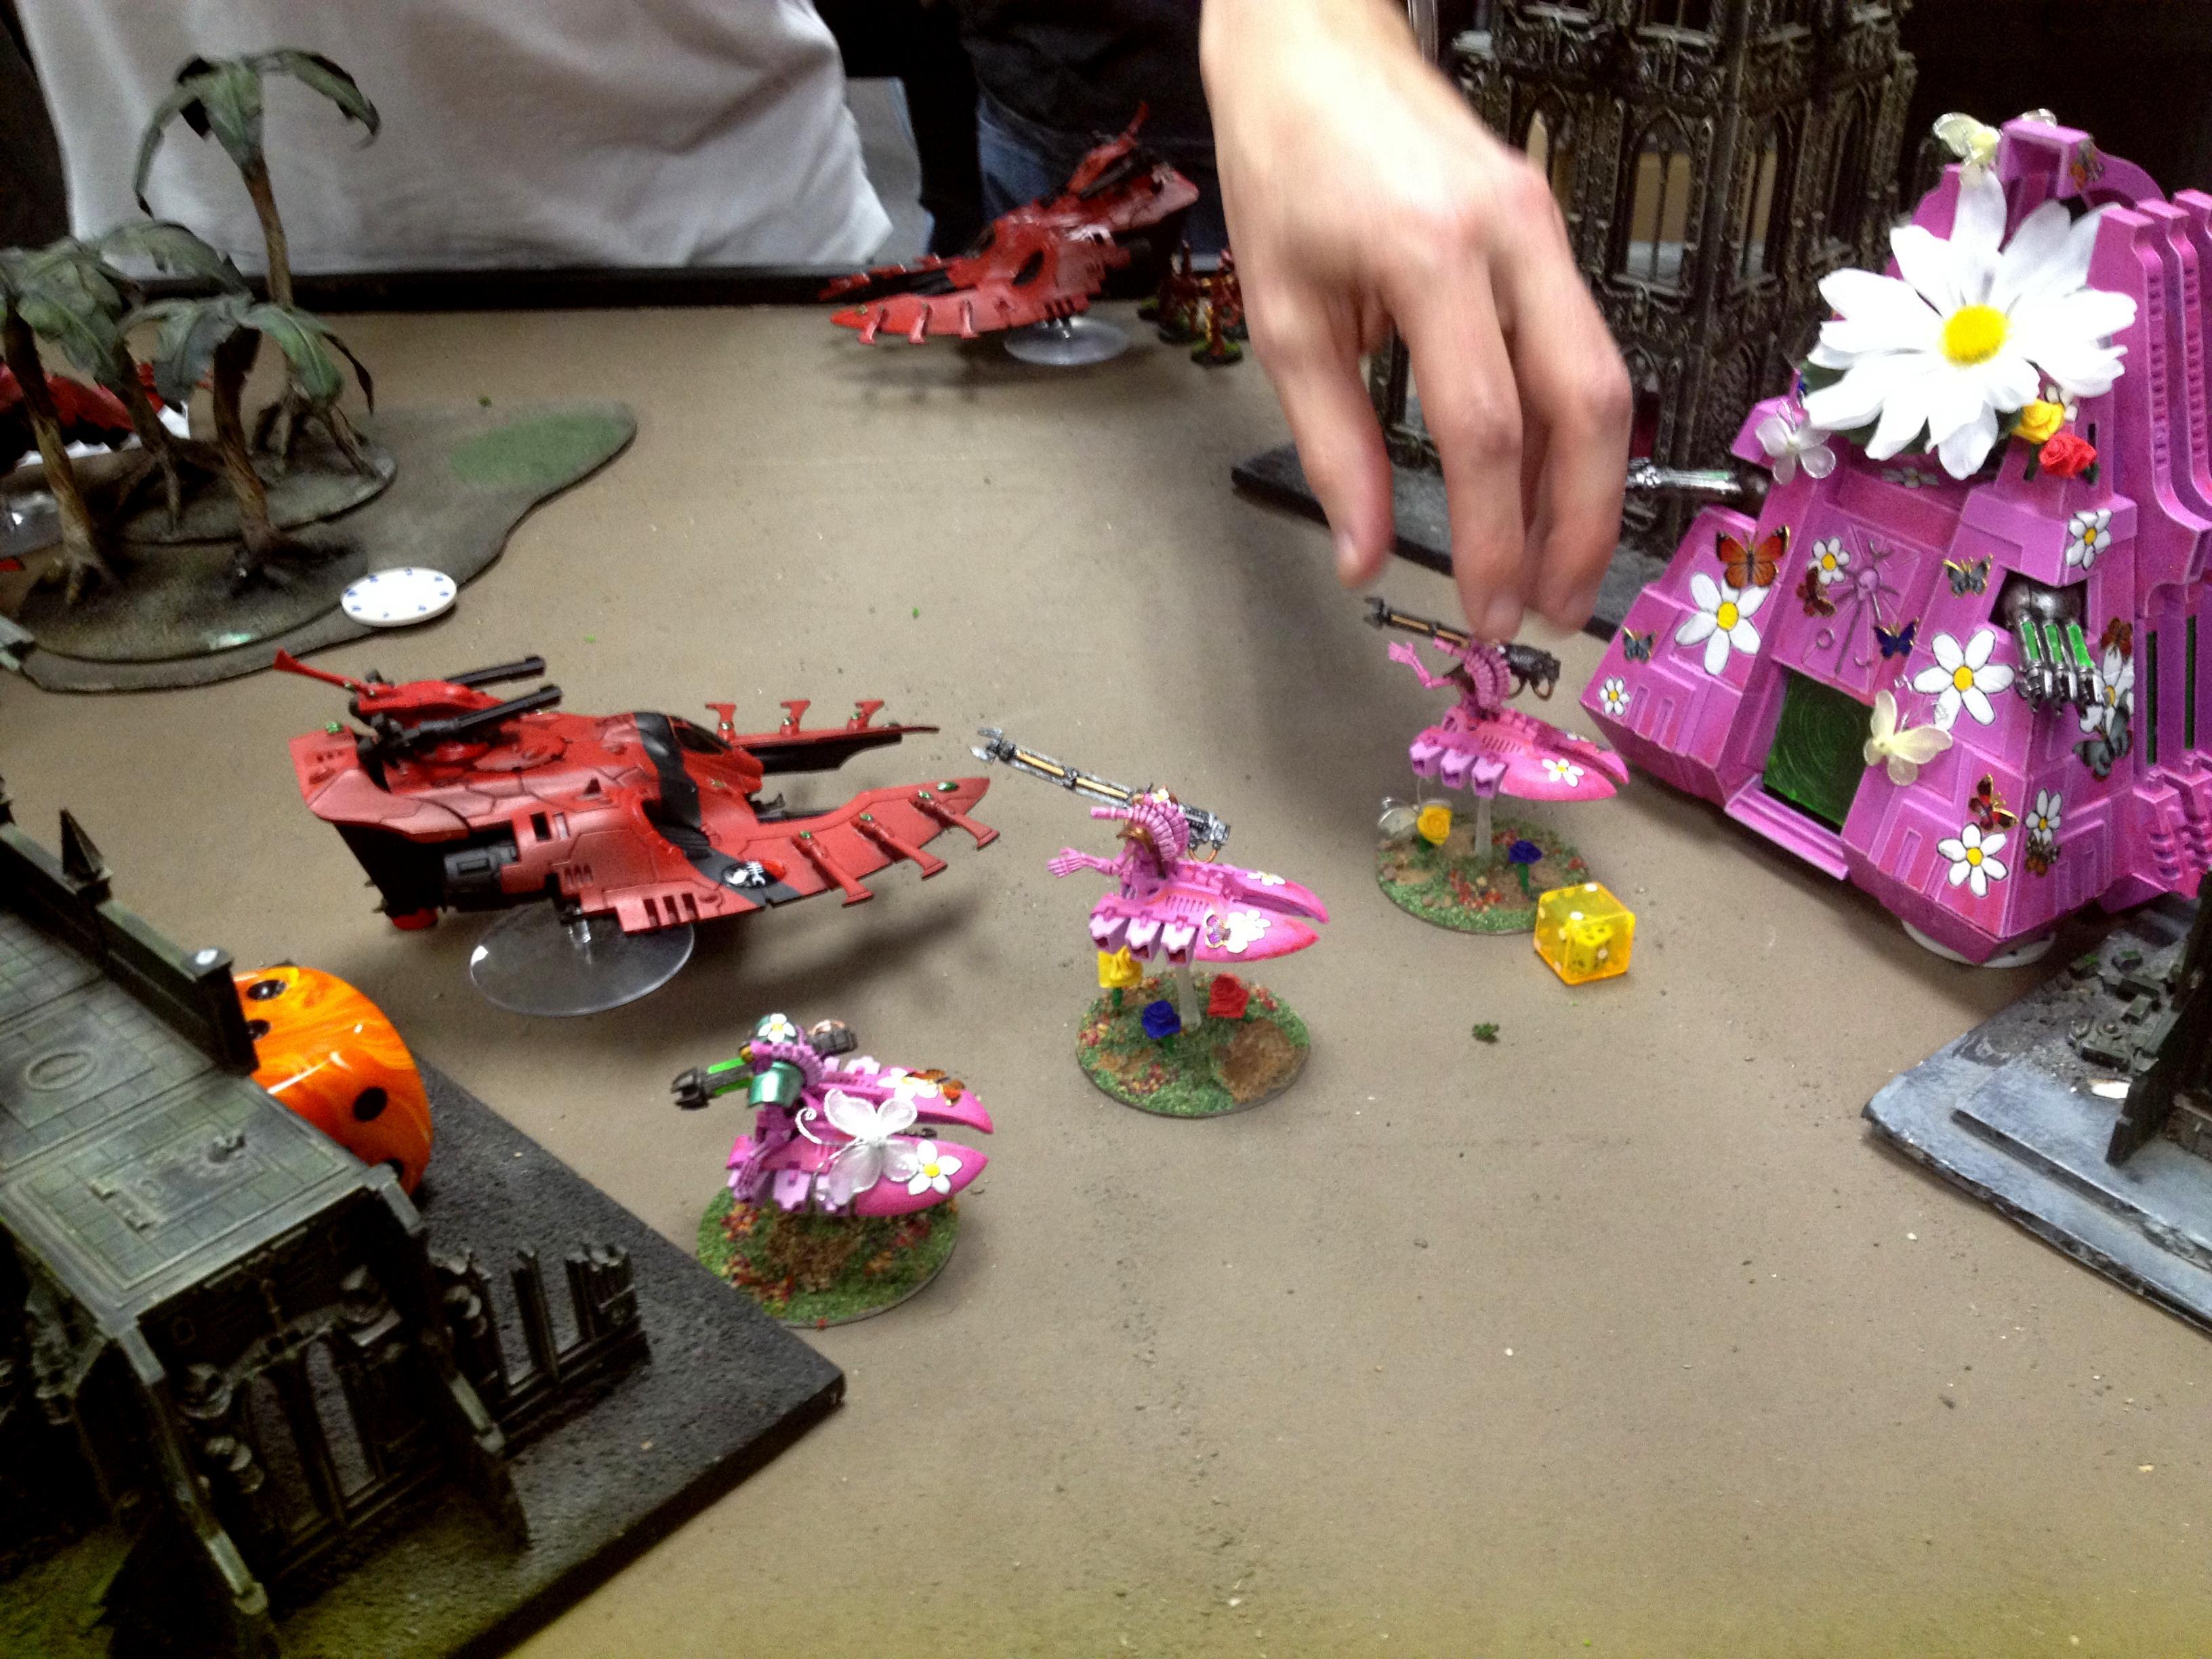 Necrons, Pink, Warhammer 40,000